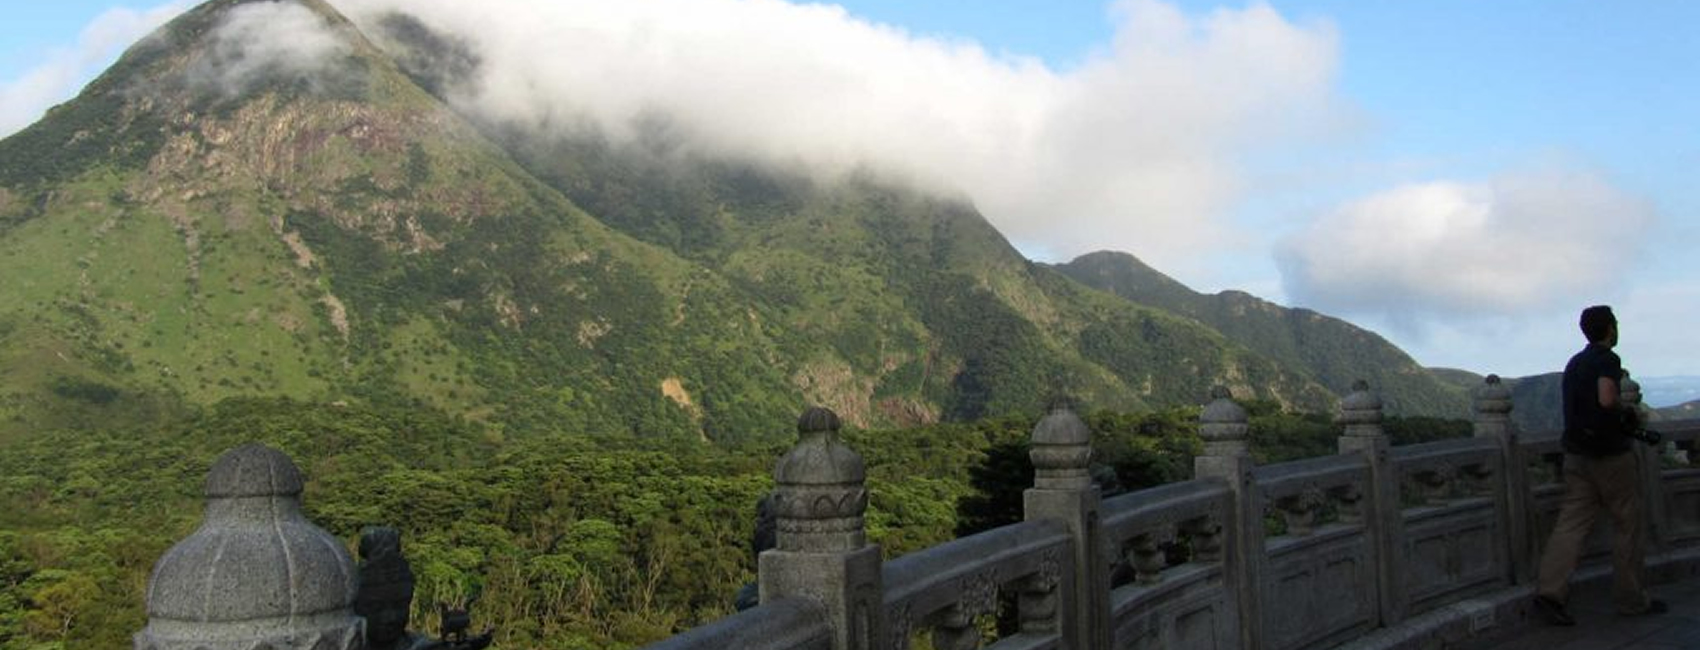 Ensamble investigaciones foto de vista Panorámica en Hong-Kong